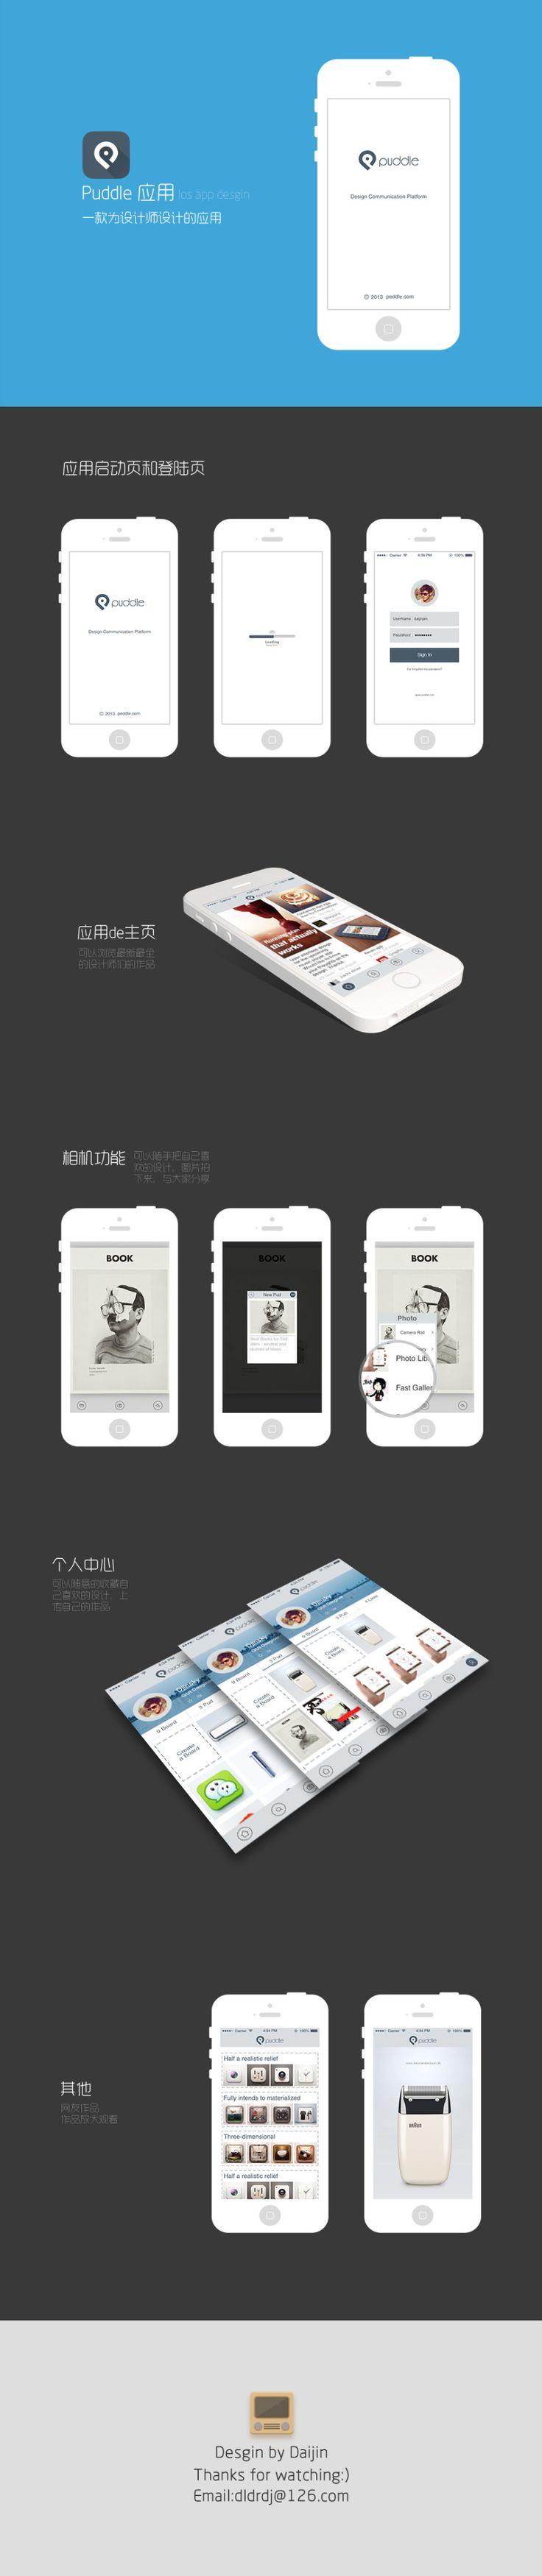 原创作品:puddle 应用 ios app desgin 一款为设计师设计的应用